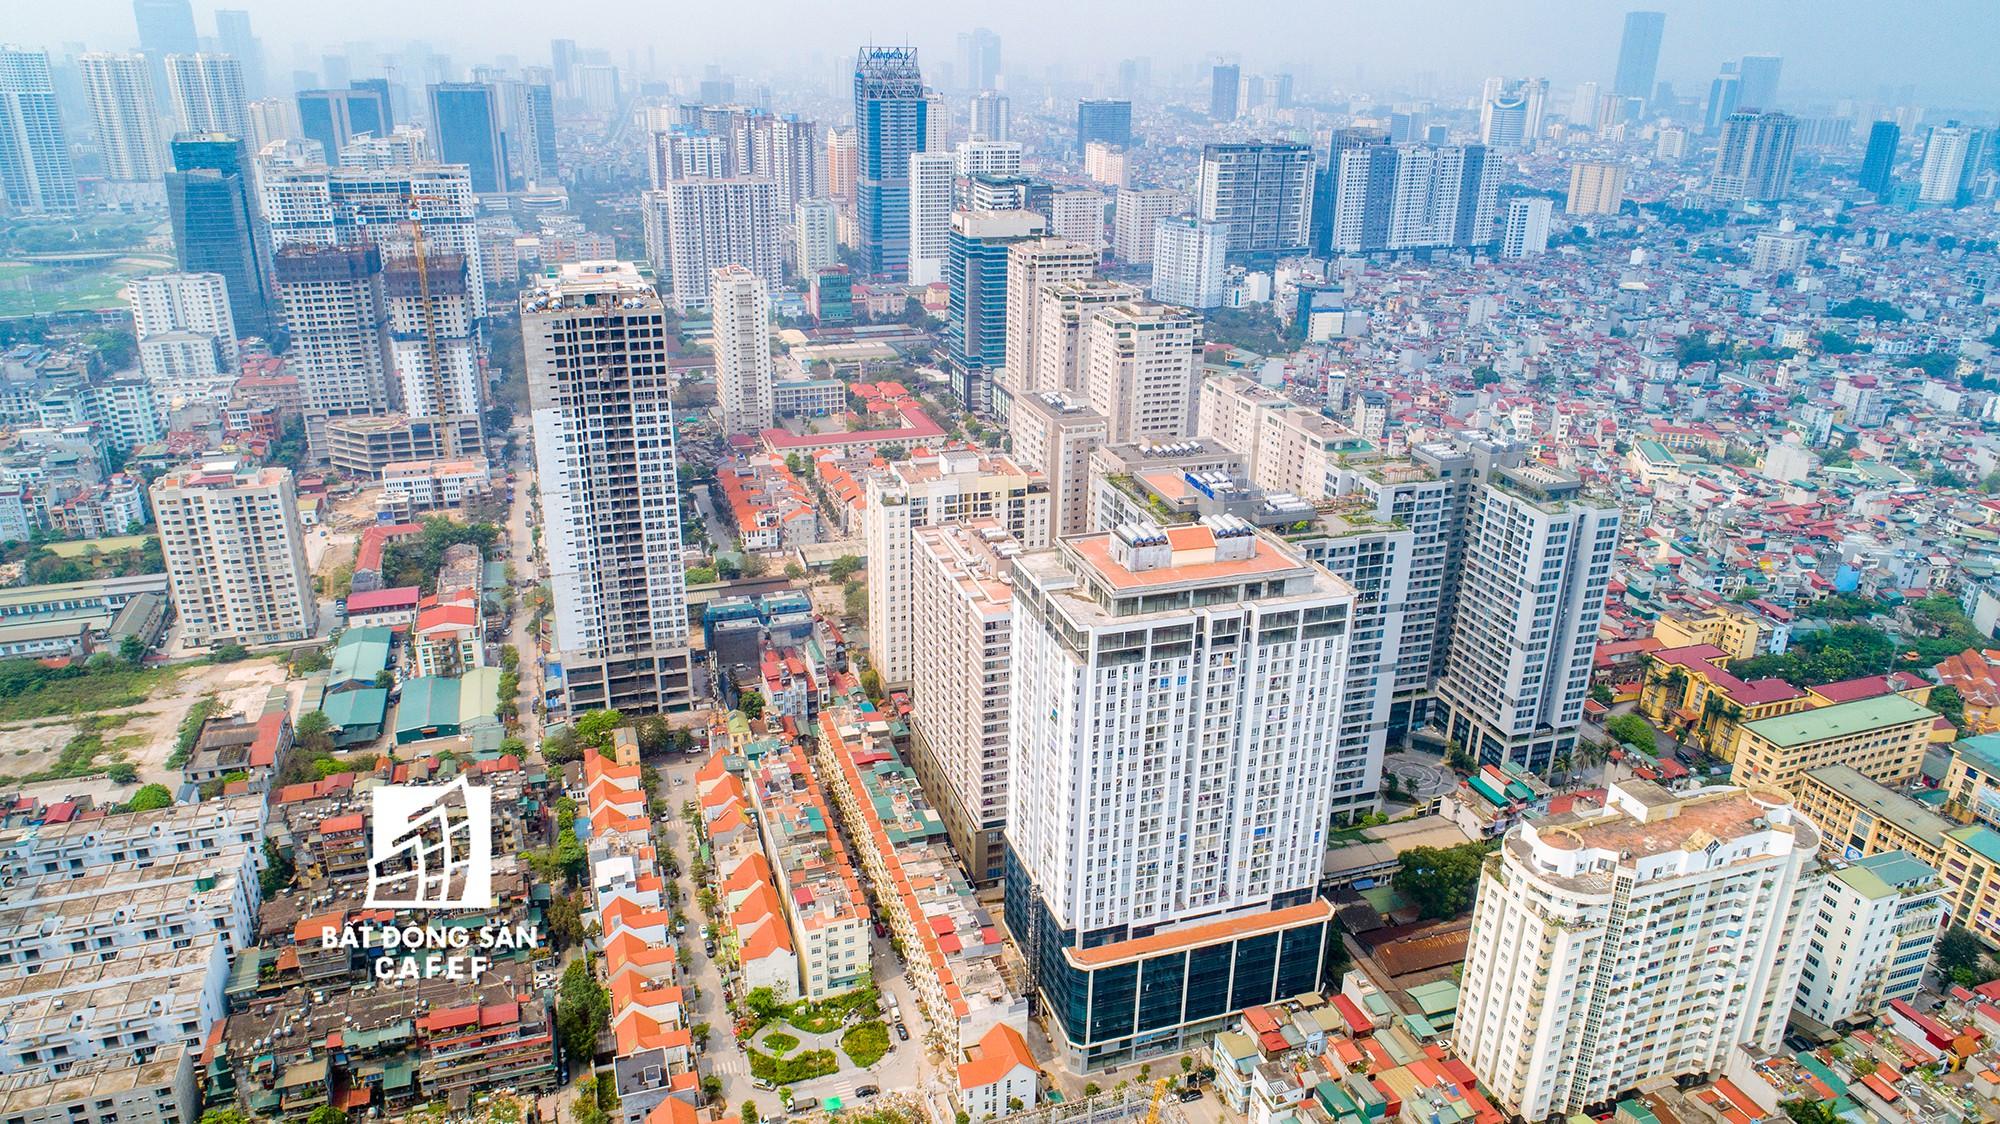 Toàn cảnh rừng cao ốc đang bóp nghẹt khu đô thị kiểu mẫu bậc nhất Hà Nội - Ảnh 3.